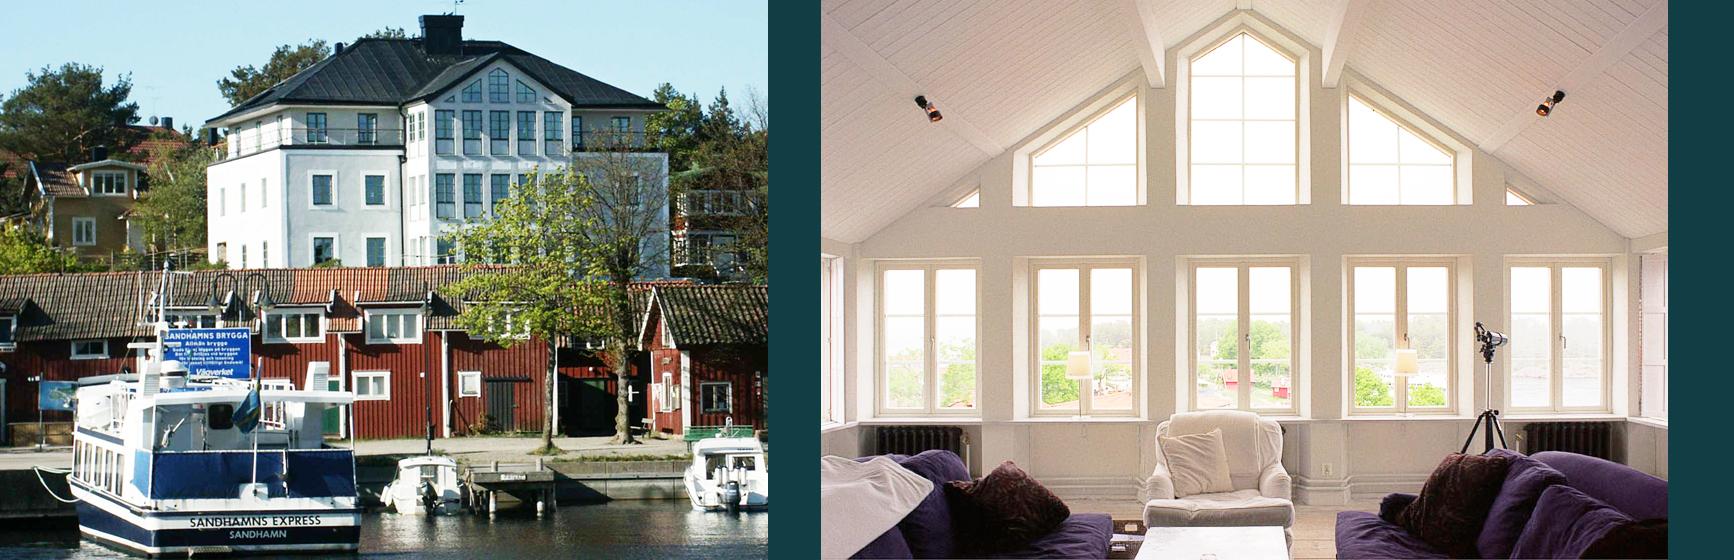 Hotell Sands, nytt hotell i Sandhamn av Rex Arkitektbyrå och Anders Berg.